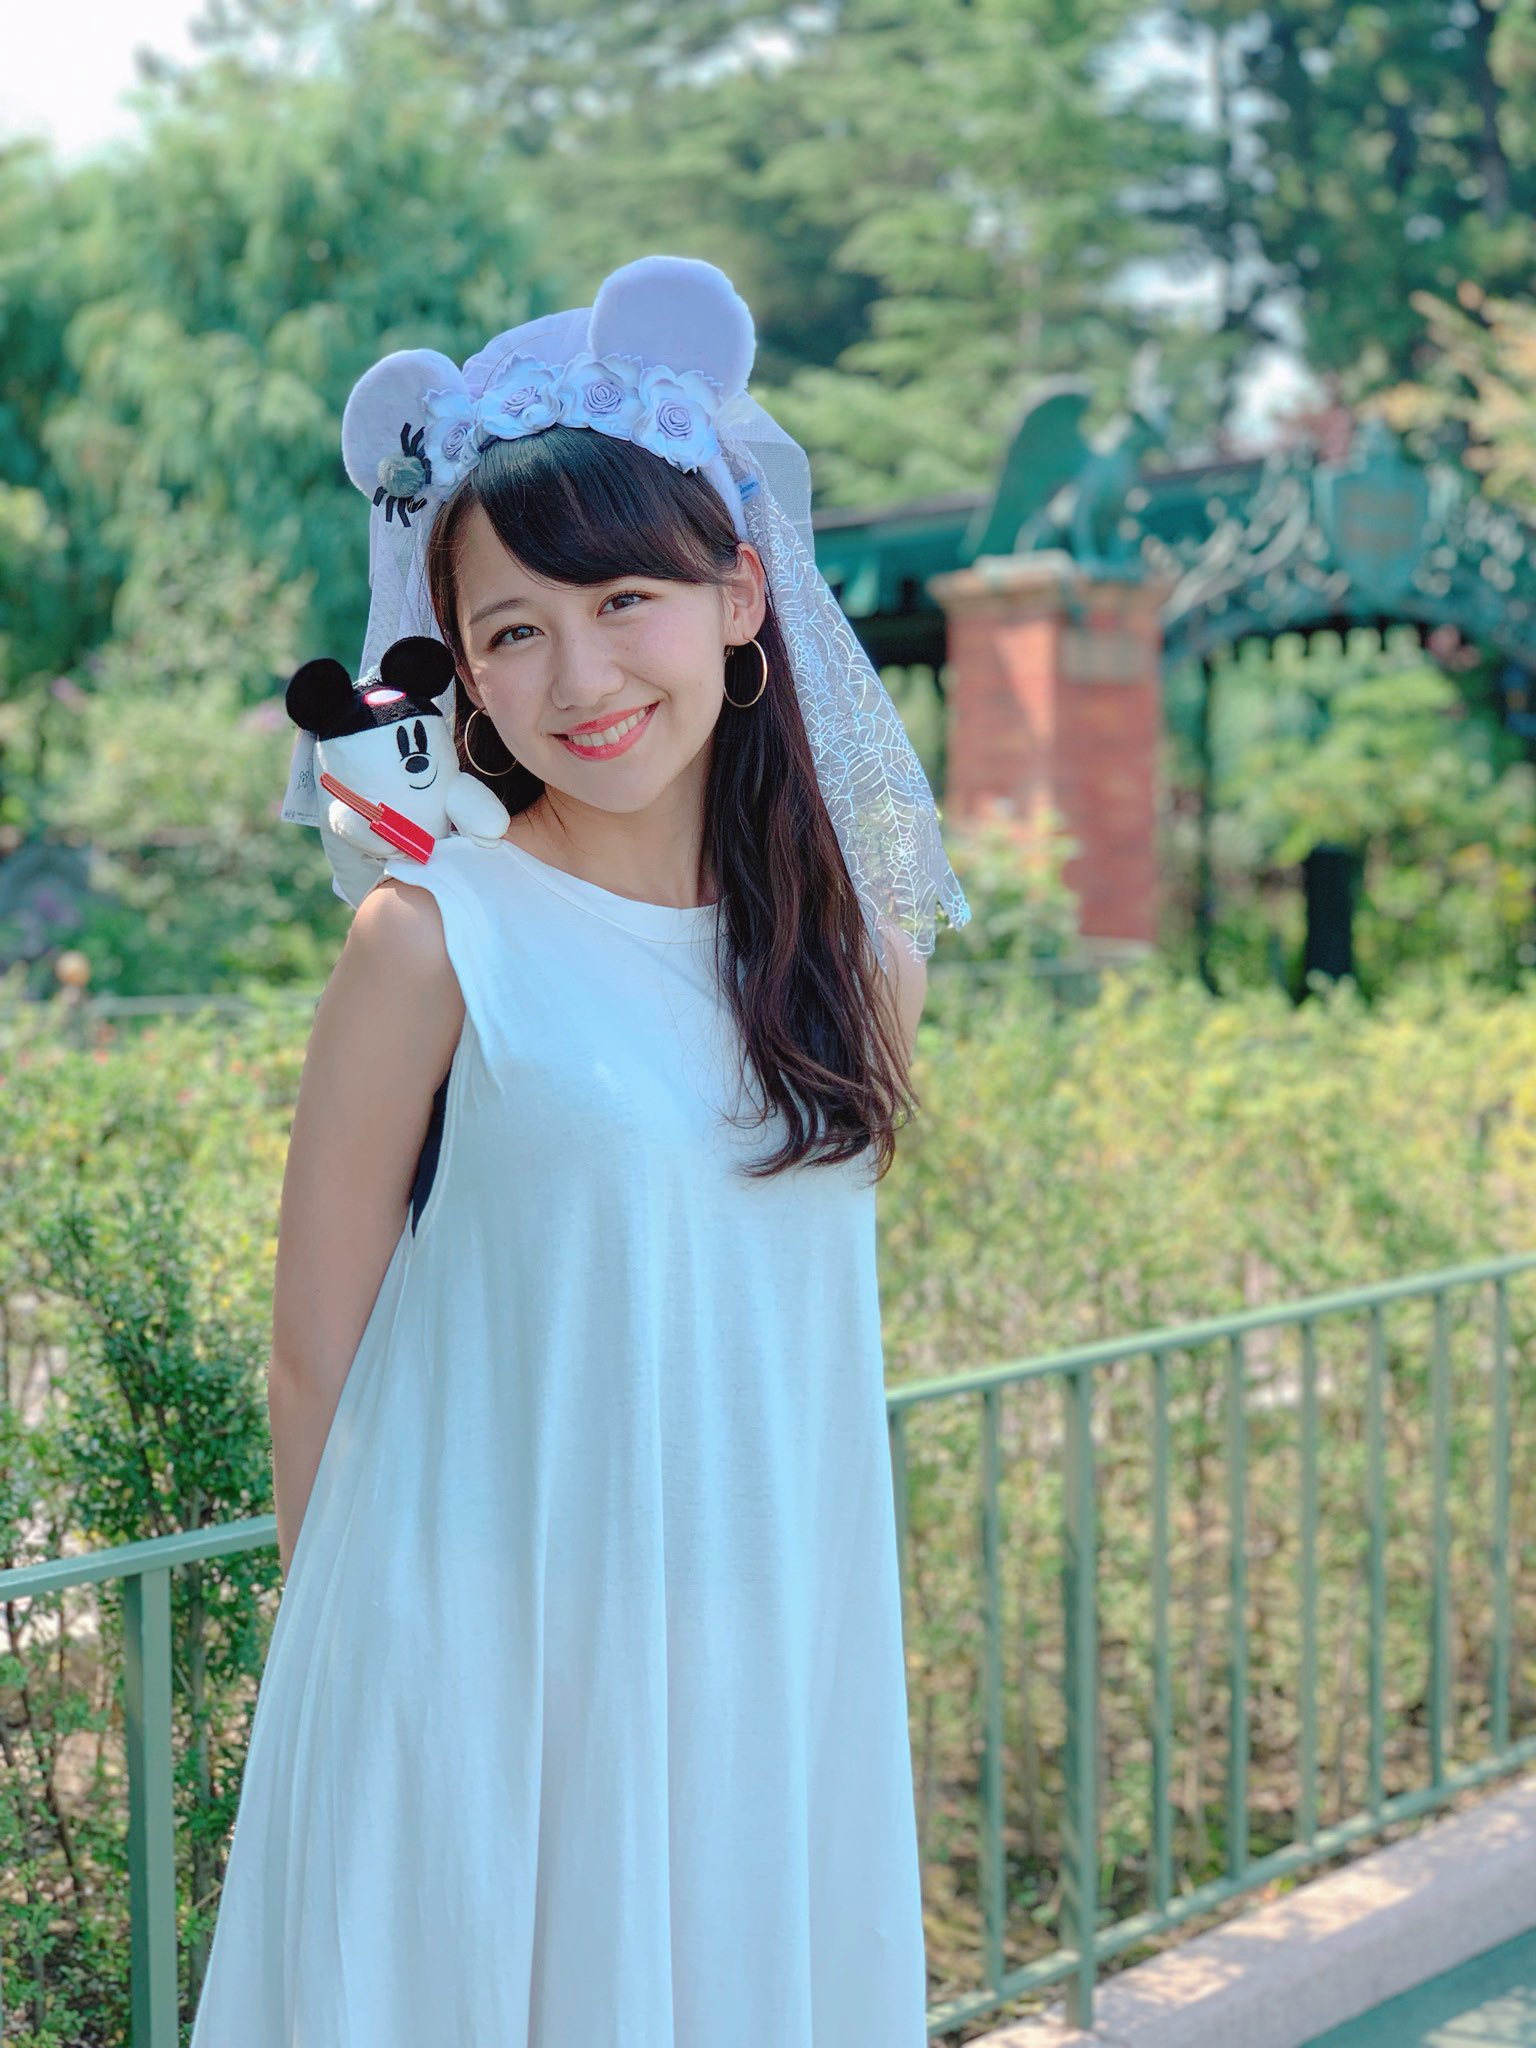 東京ディズニーランドのカチューシャ2019が可愛すぎて早くも転売が?